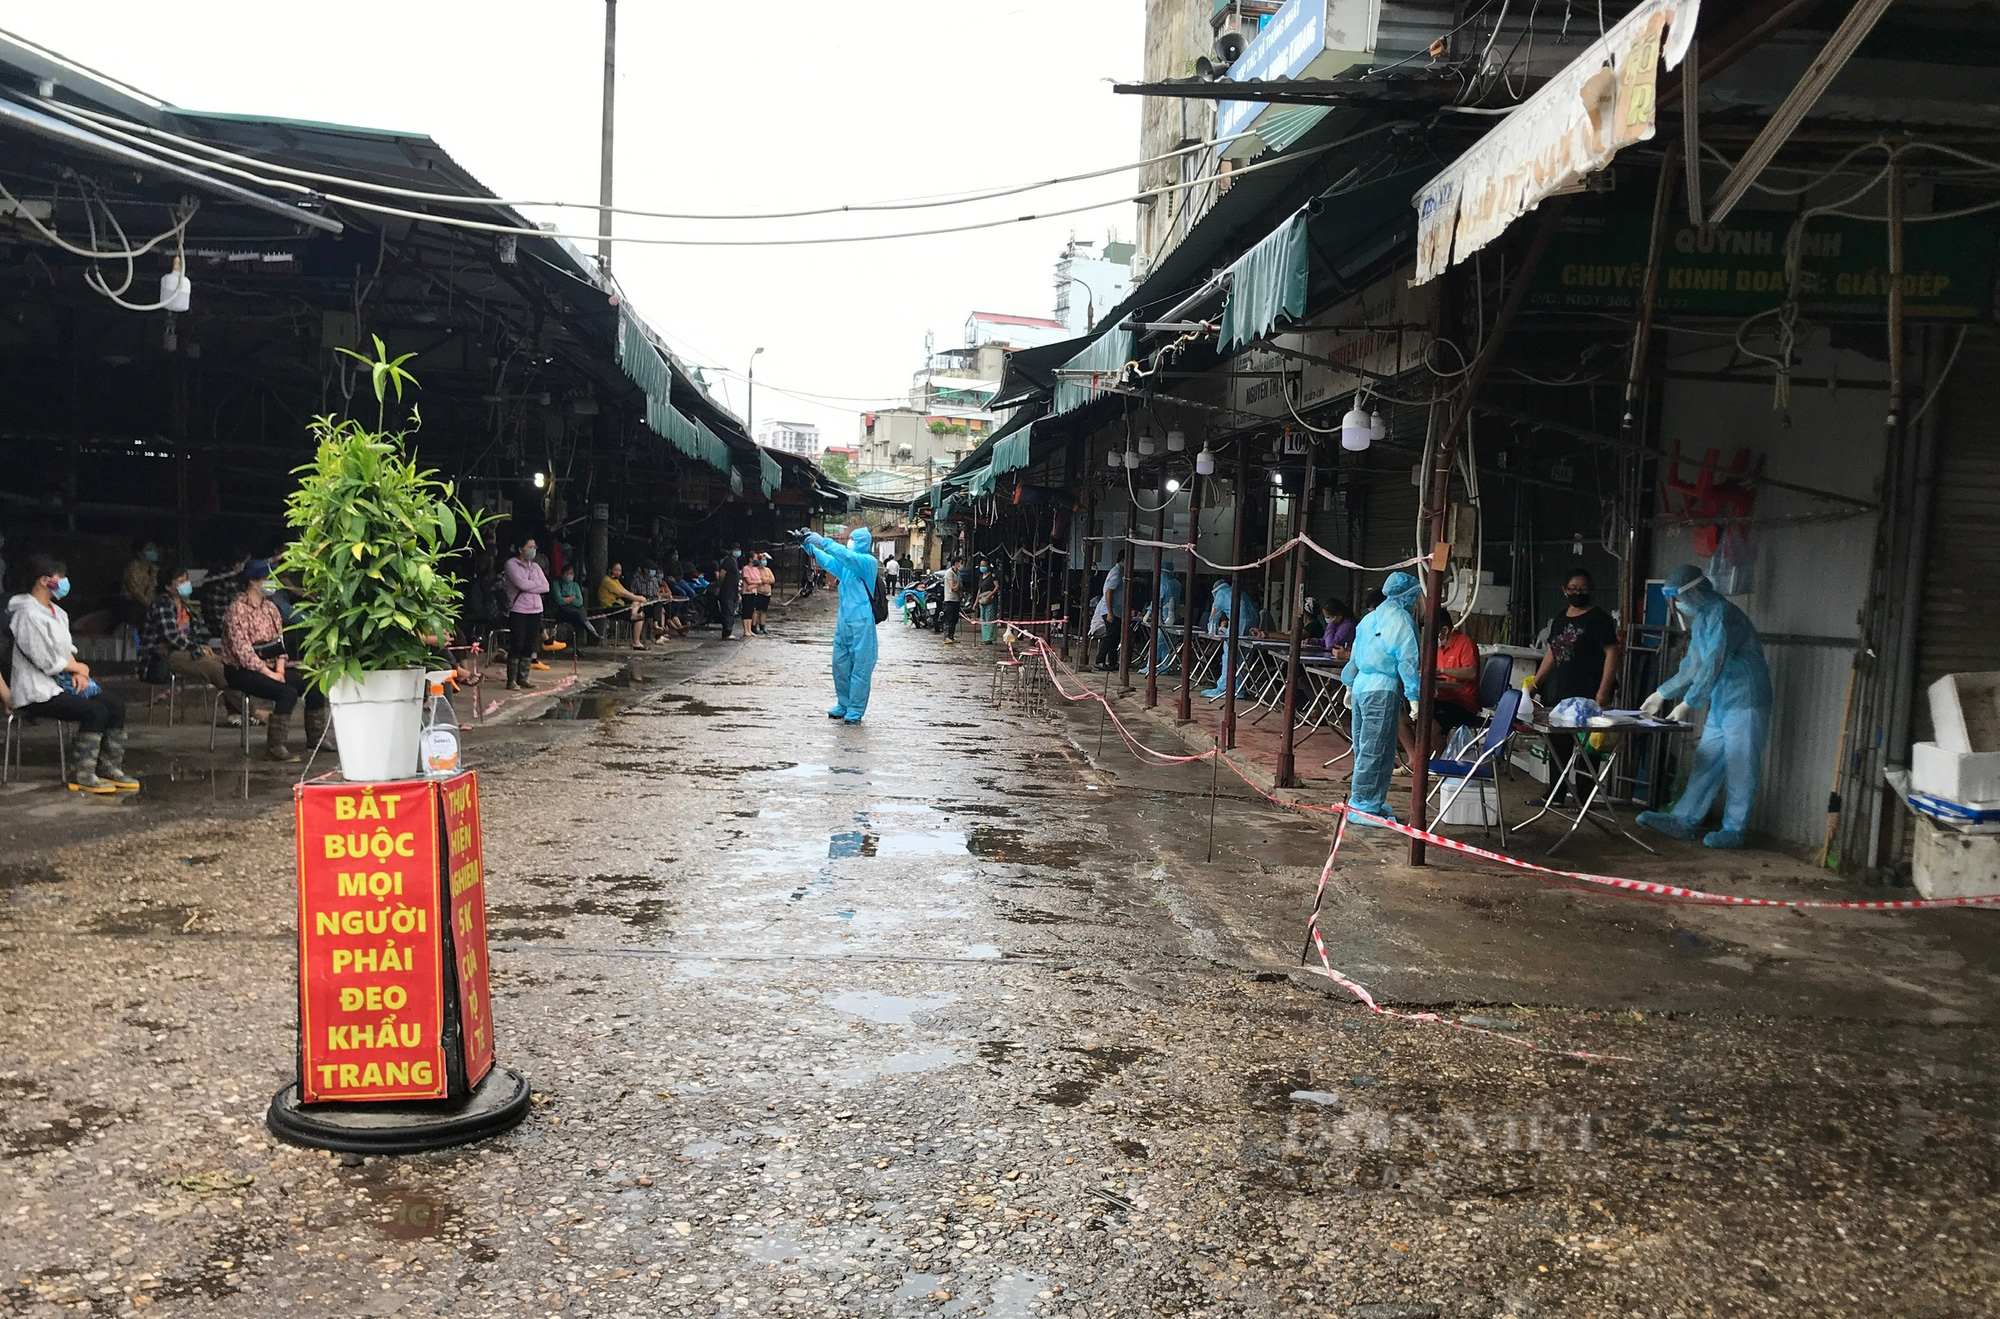 Hà Nội: Tạm dừng hoạt động chợ Phùng Khoang, xét nghiệm hàng trăm tiểu thương sau khi người bán rau nhiễm Covid-19 - Ảnh 1.